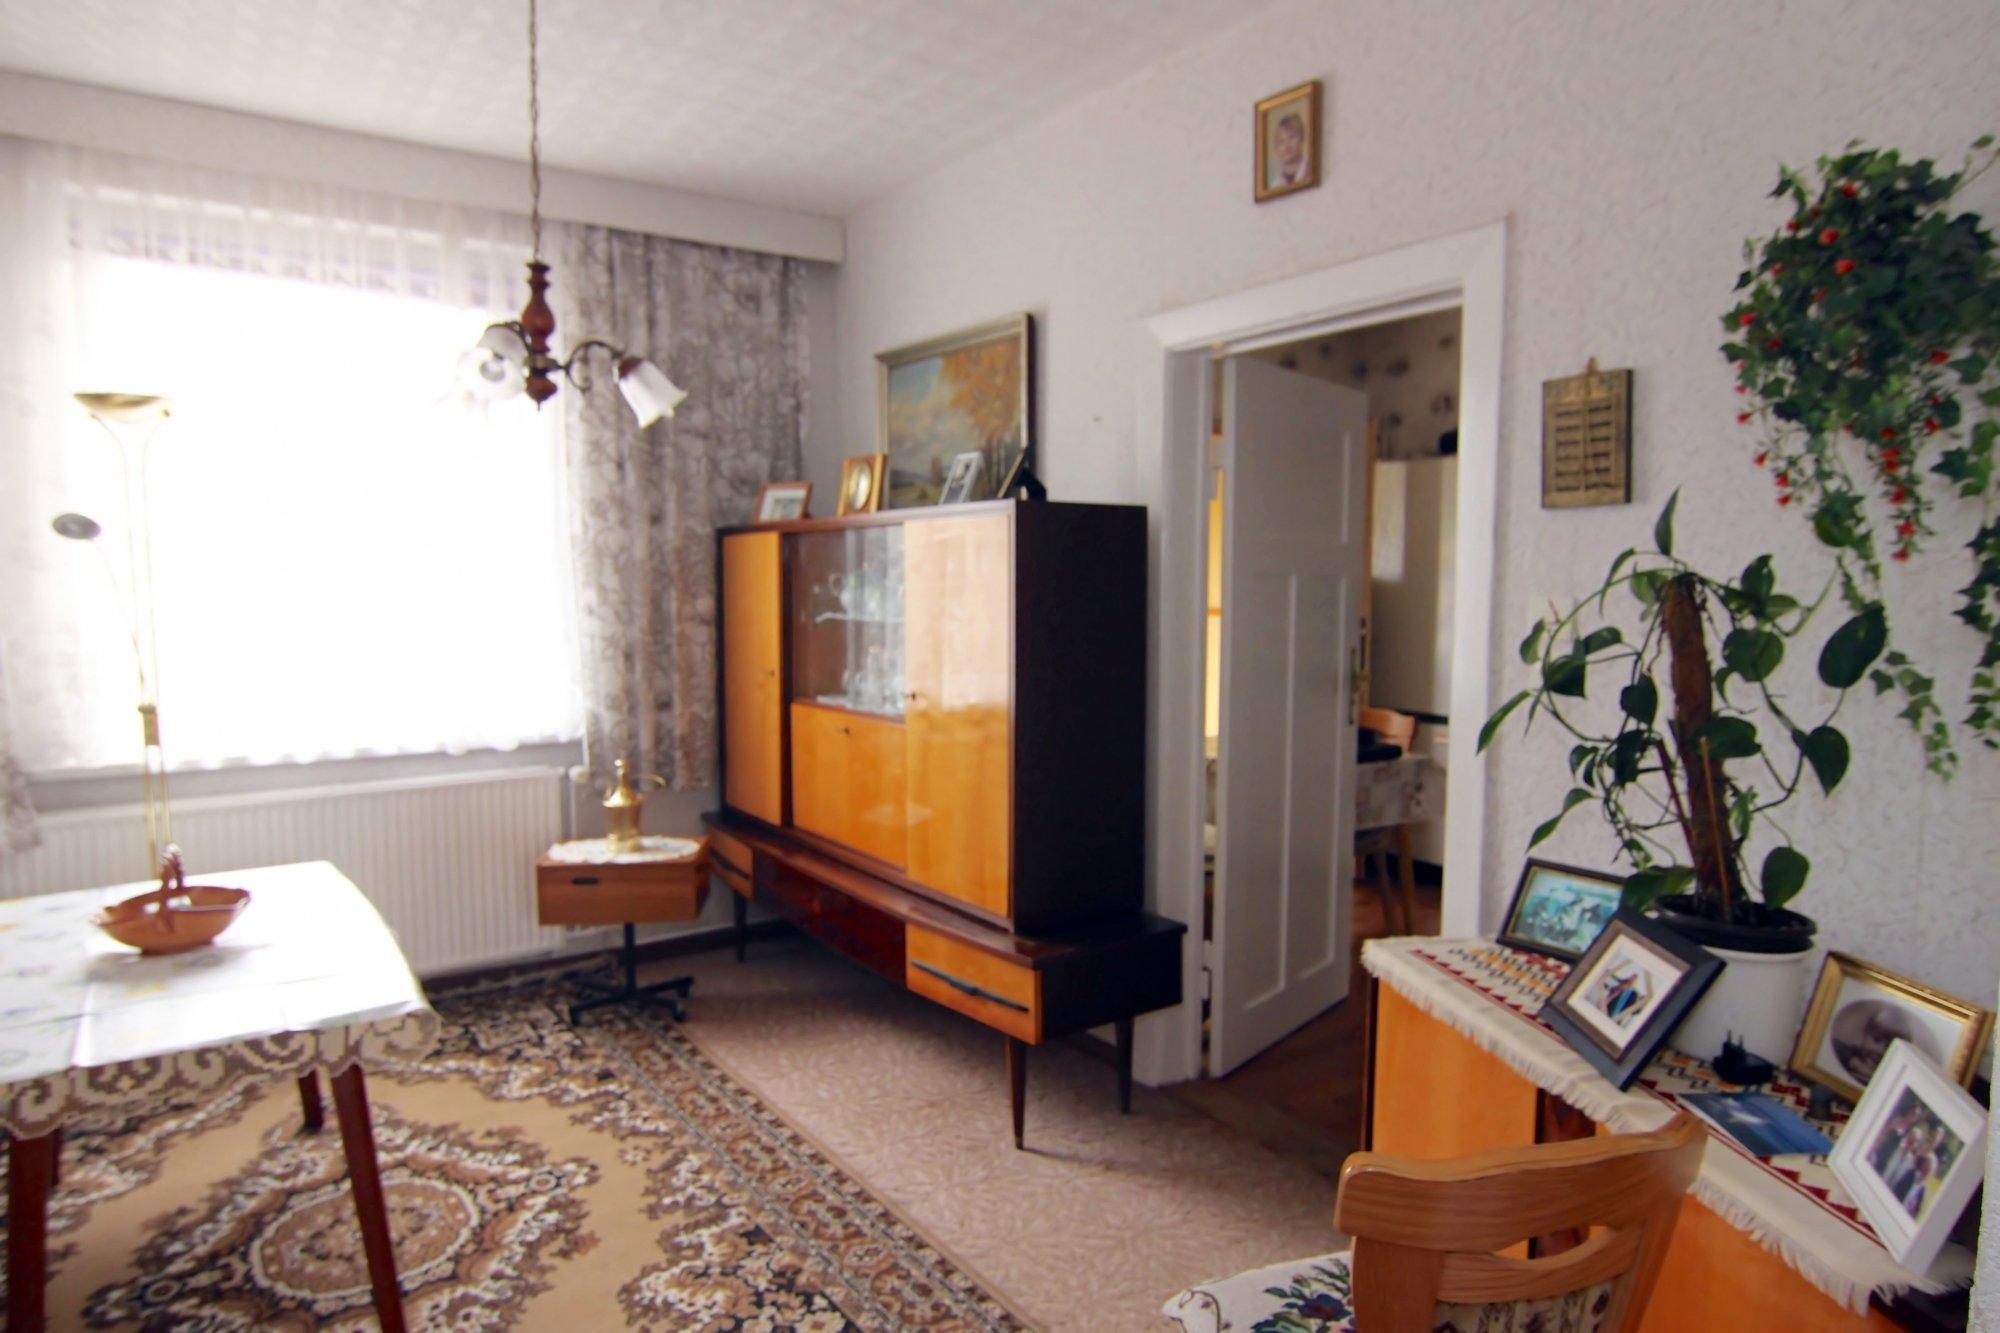 Esszimmer - Teil 2 mit Tür zur Küche